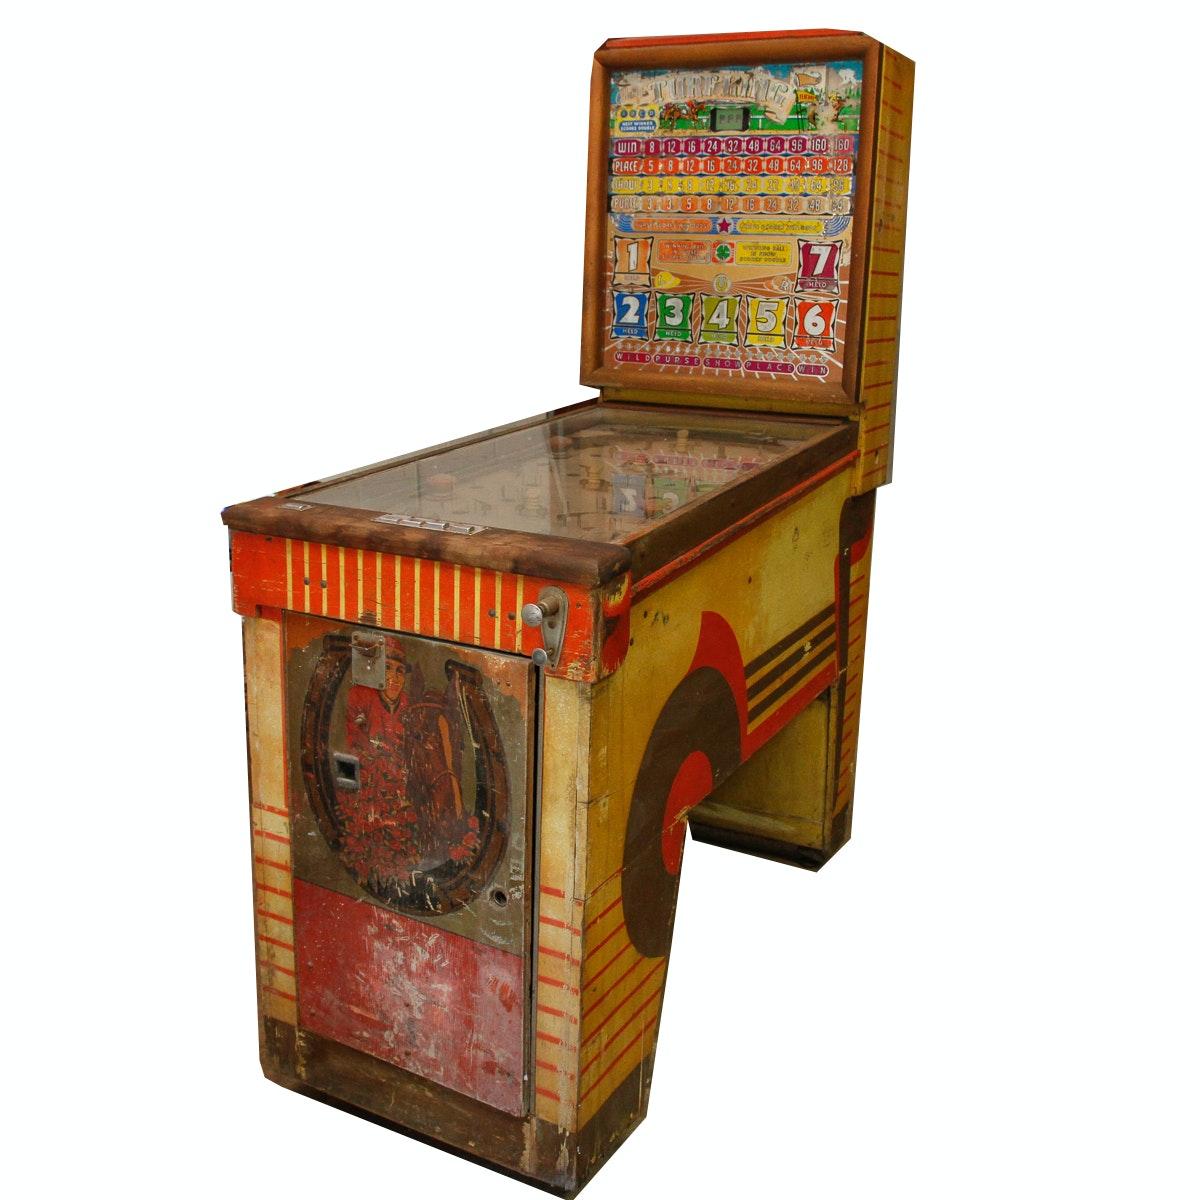 1950 Bally Turf King Pinball Machine